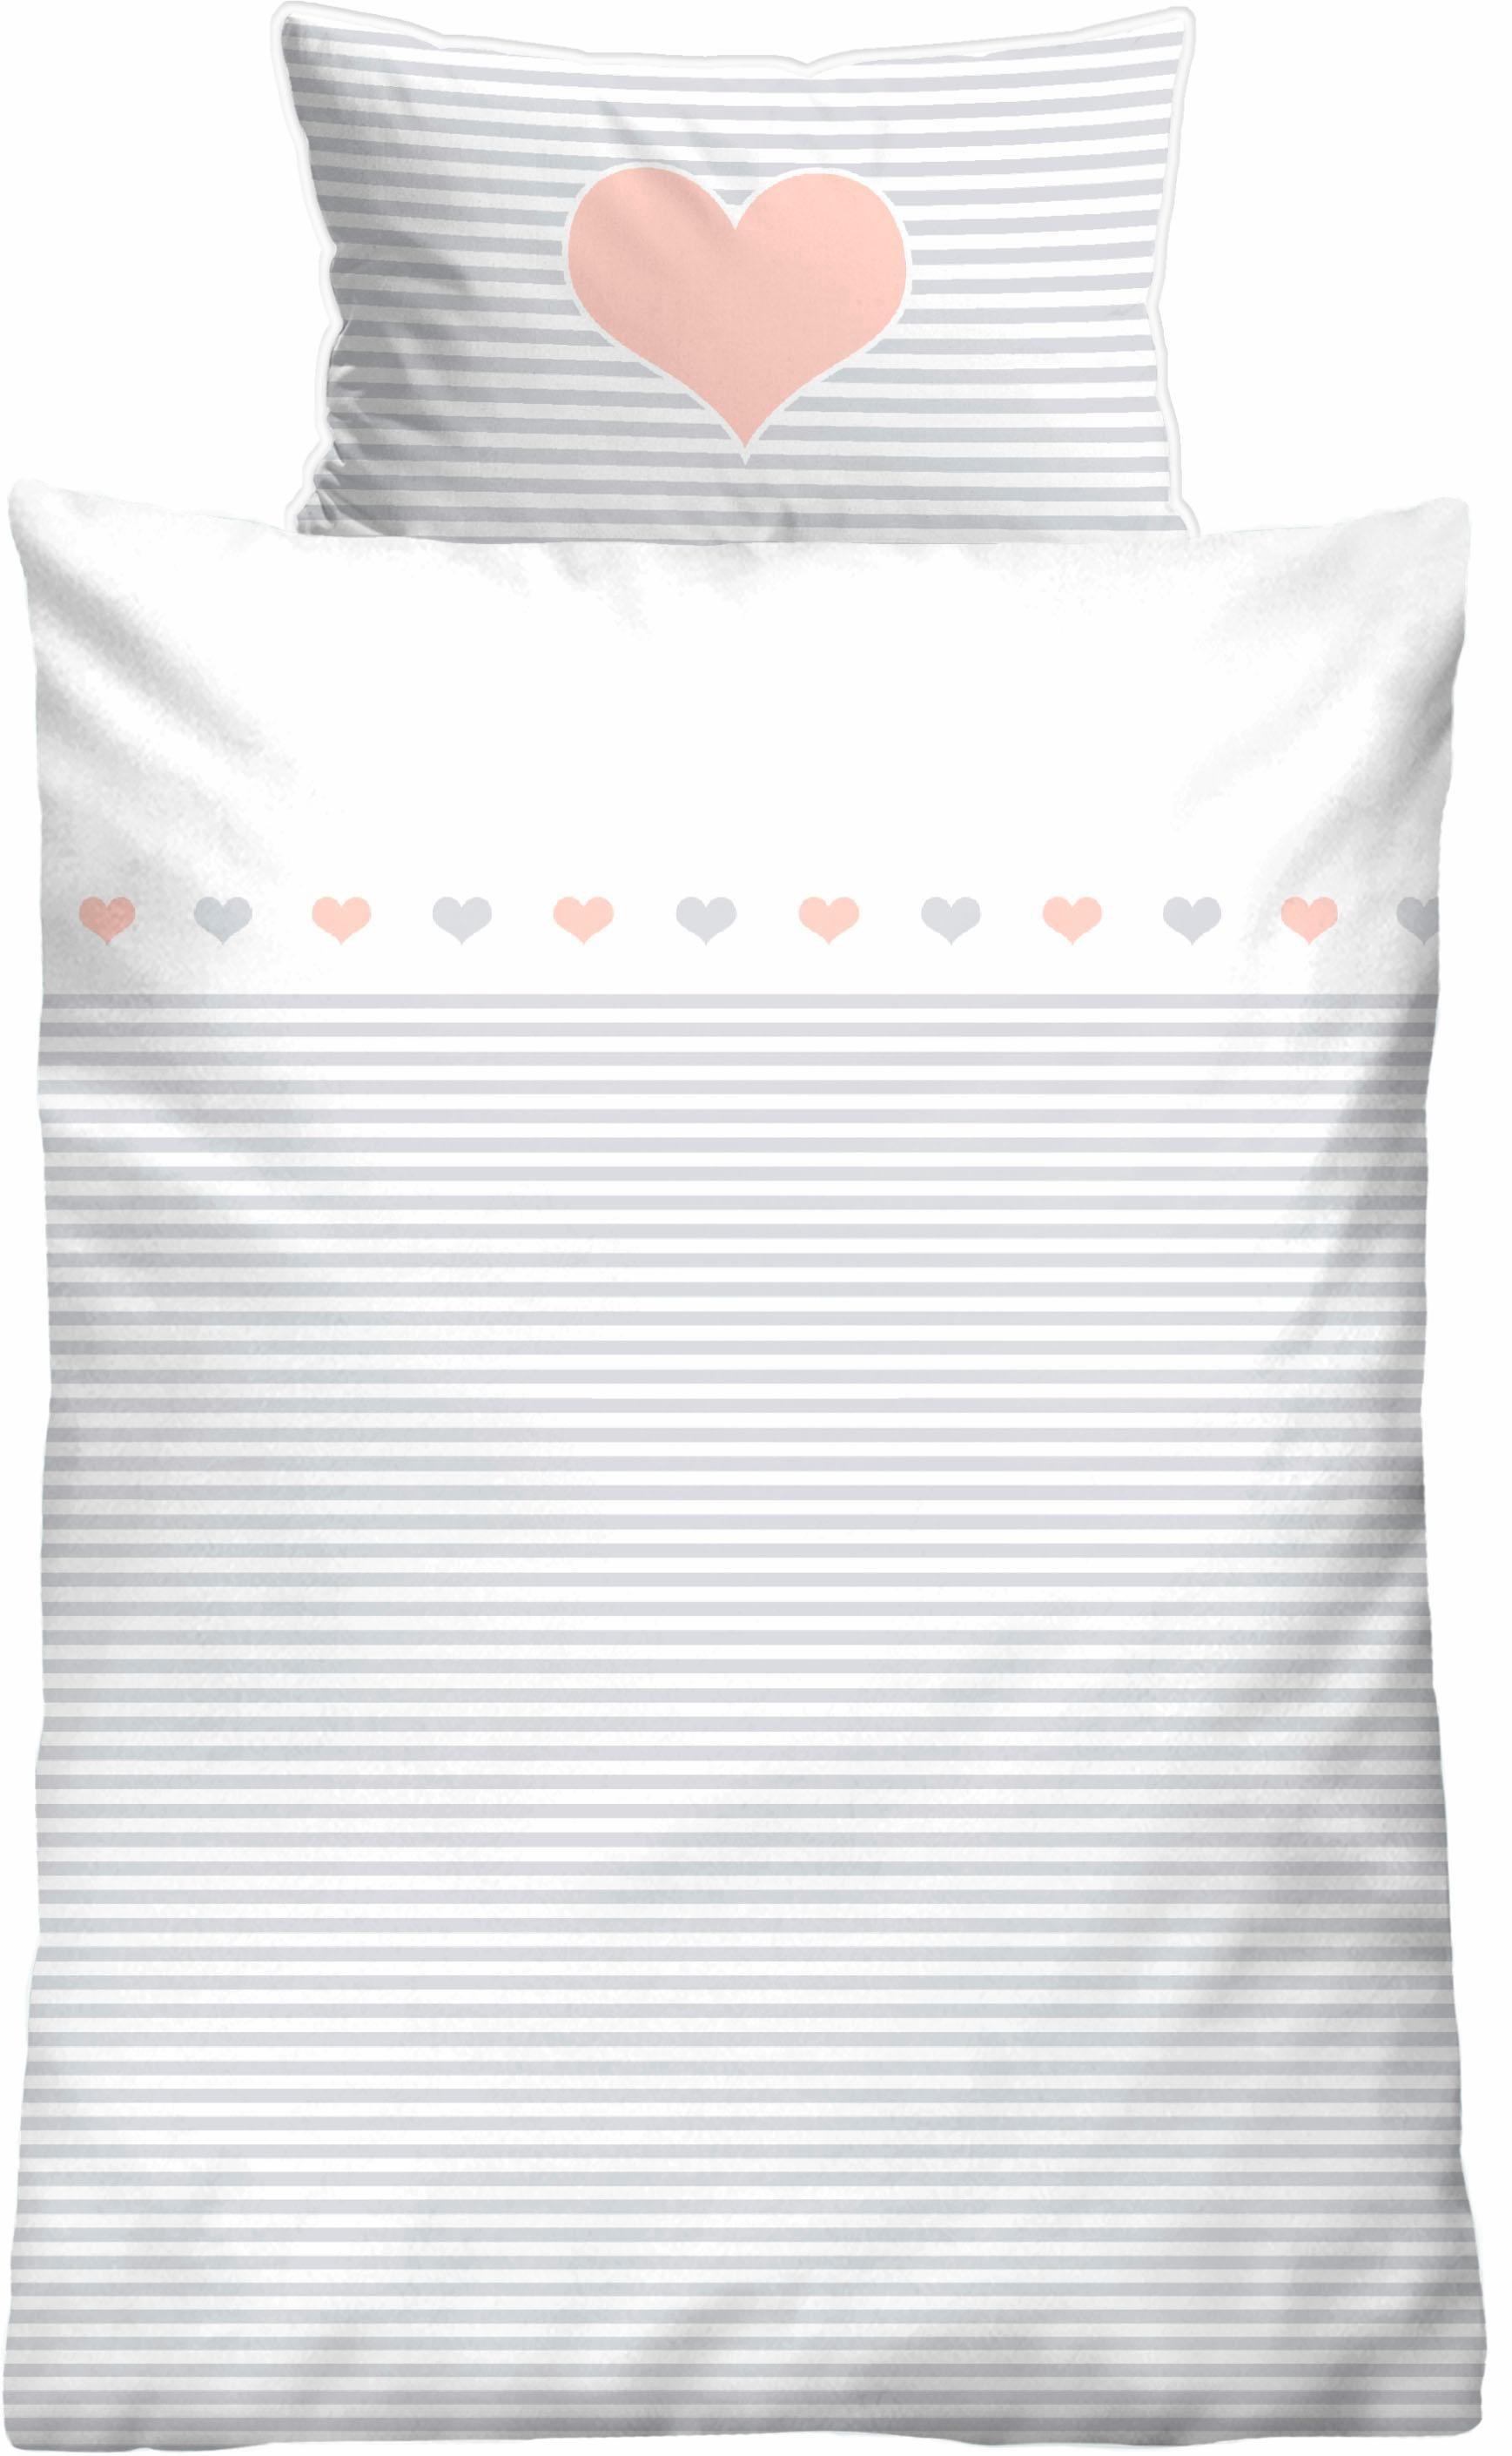 Kinderbettwäsche »Striped Heart«, Biberna, mit Querstreifen & Motiv | Kinderzimmer > Textilien für Kinder > Kinderbettwäsche | Biberna